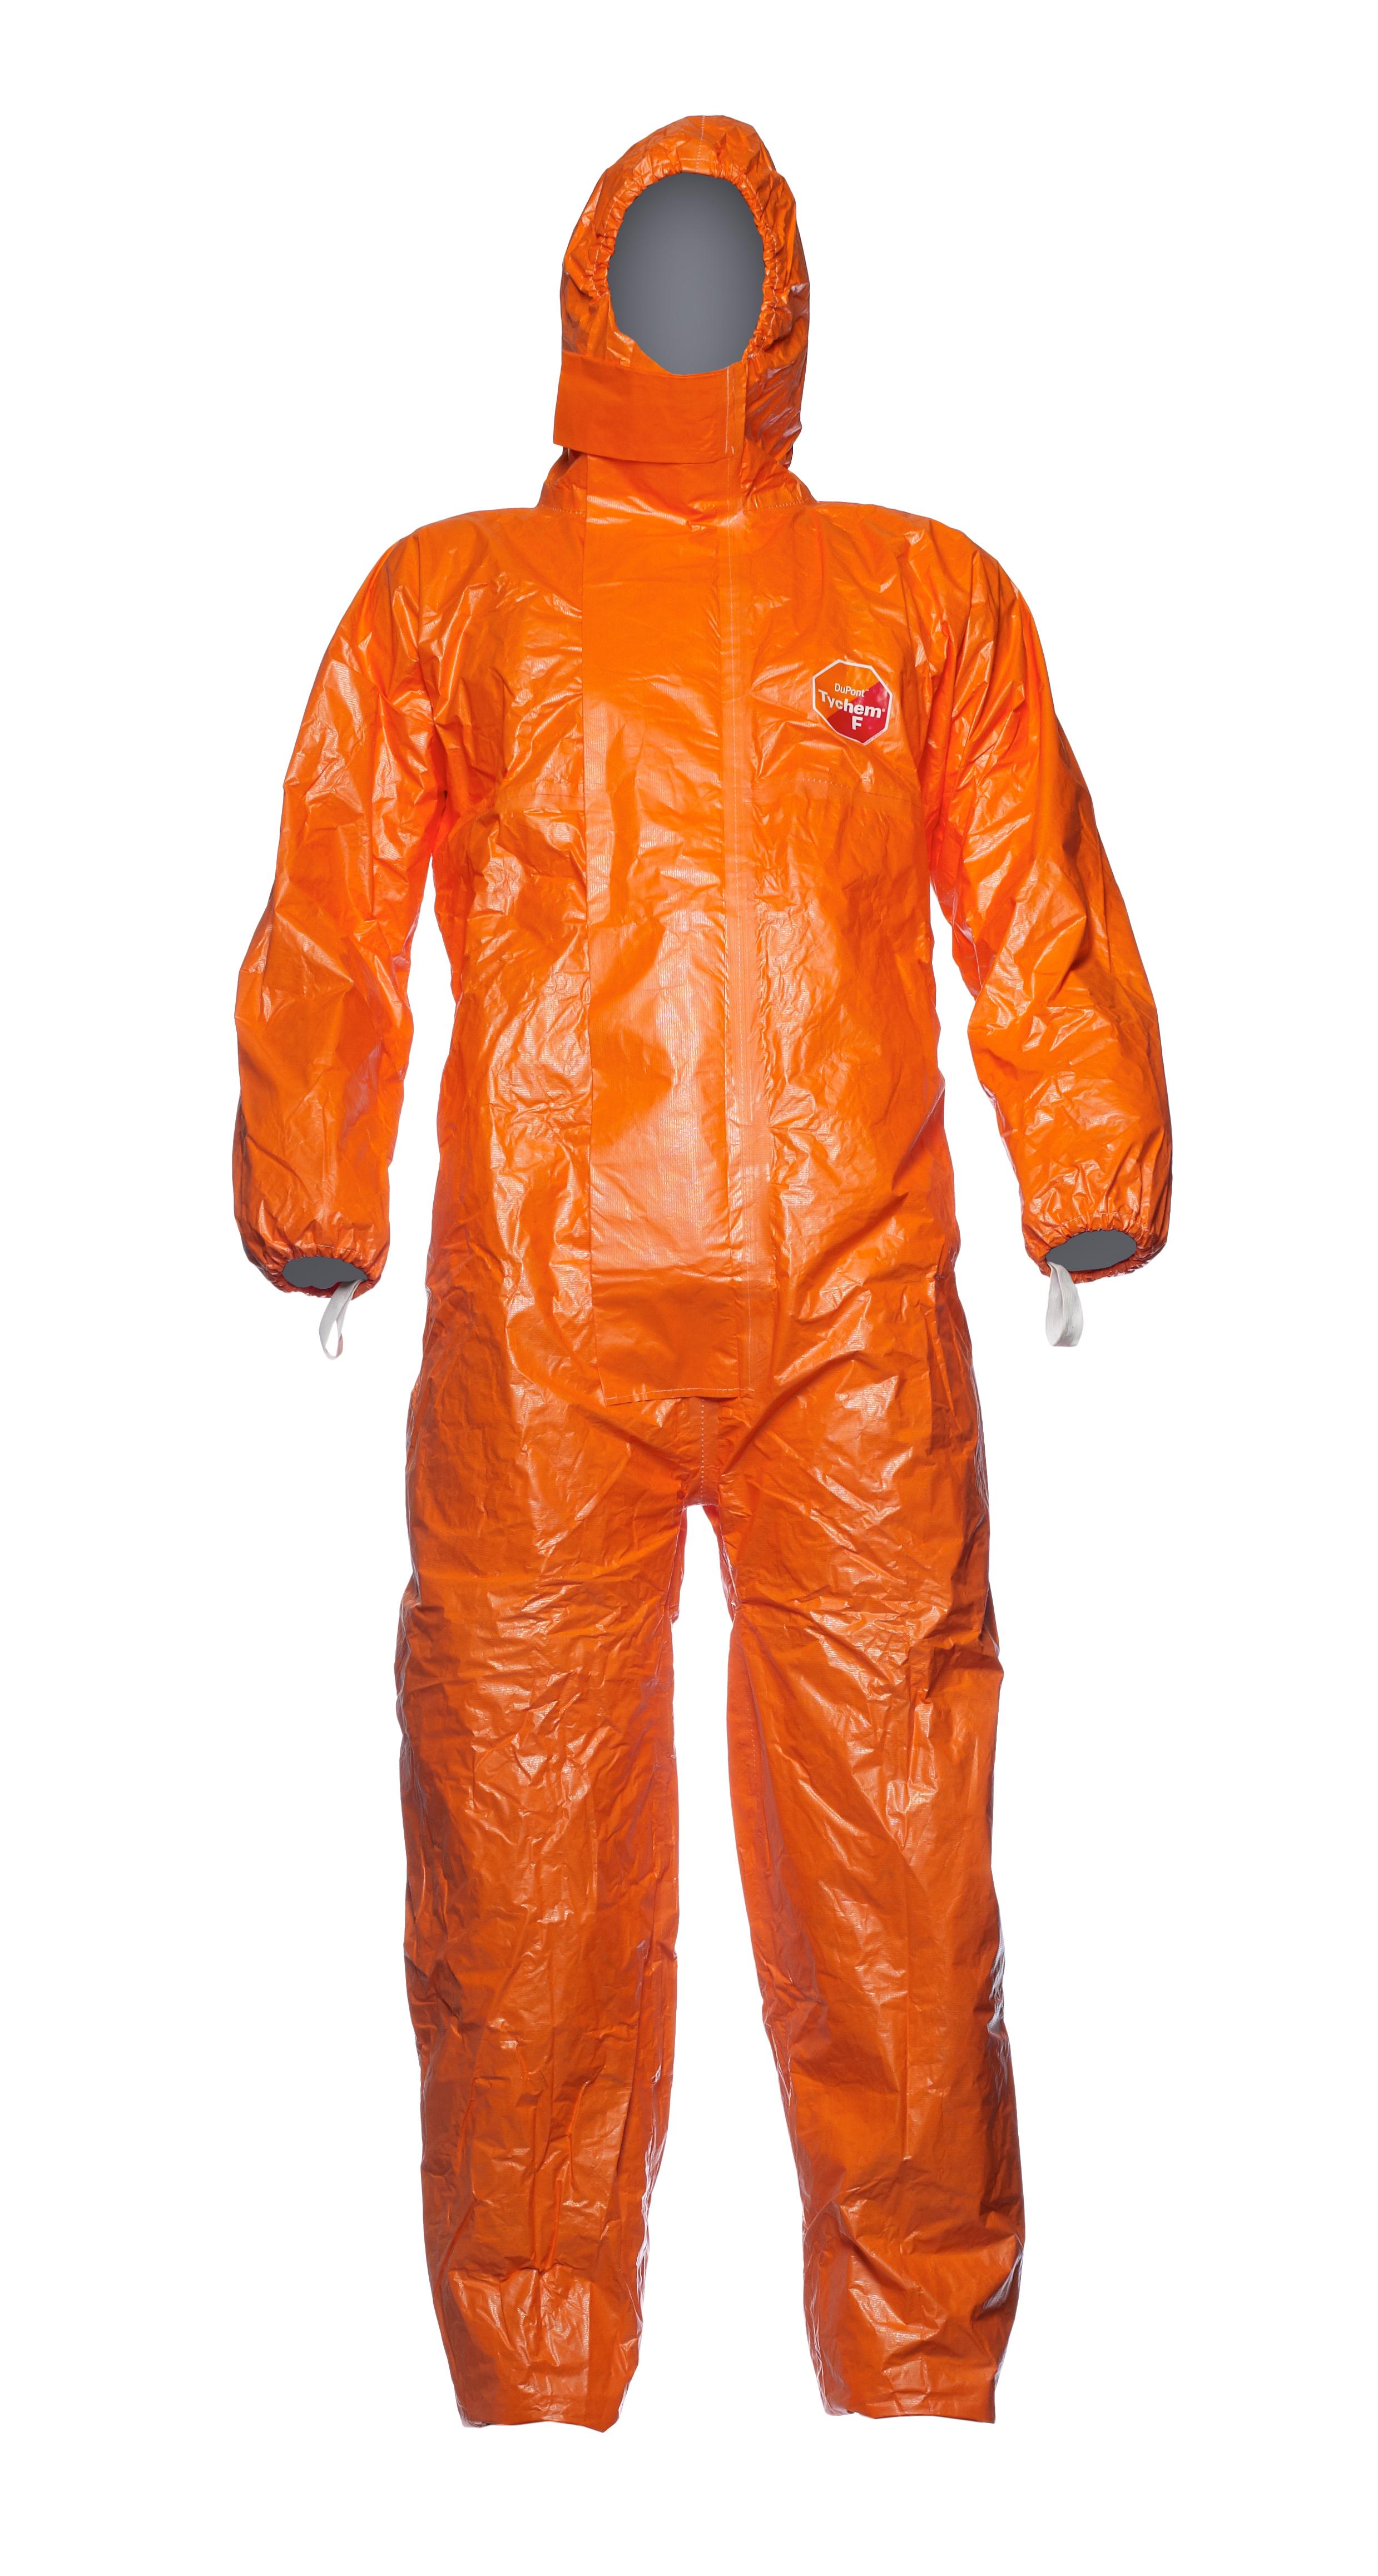 Schutzoverall Tychem F orange Gr. XL